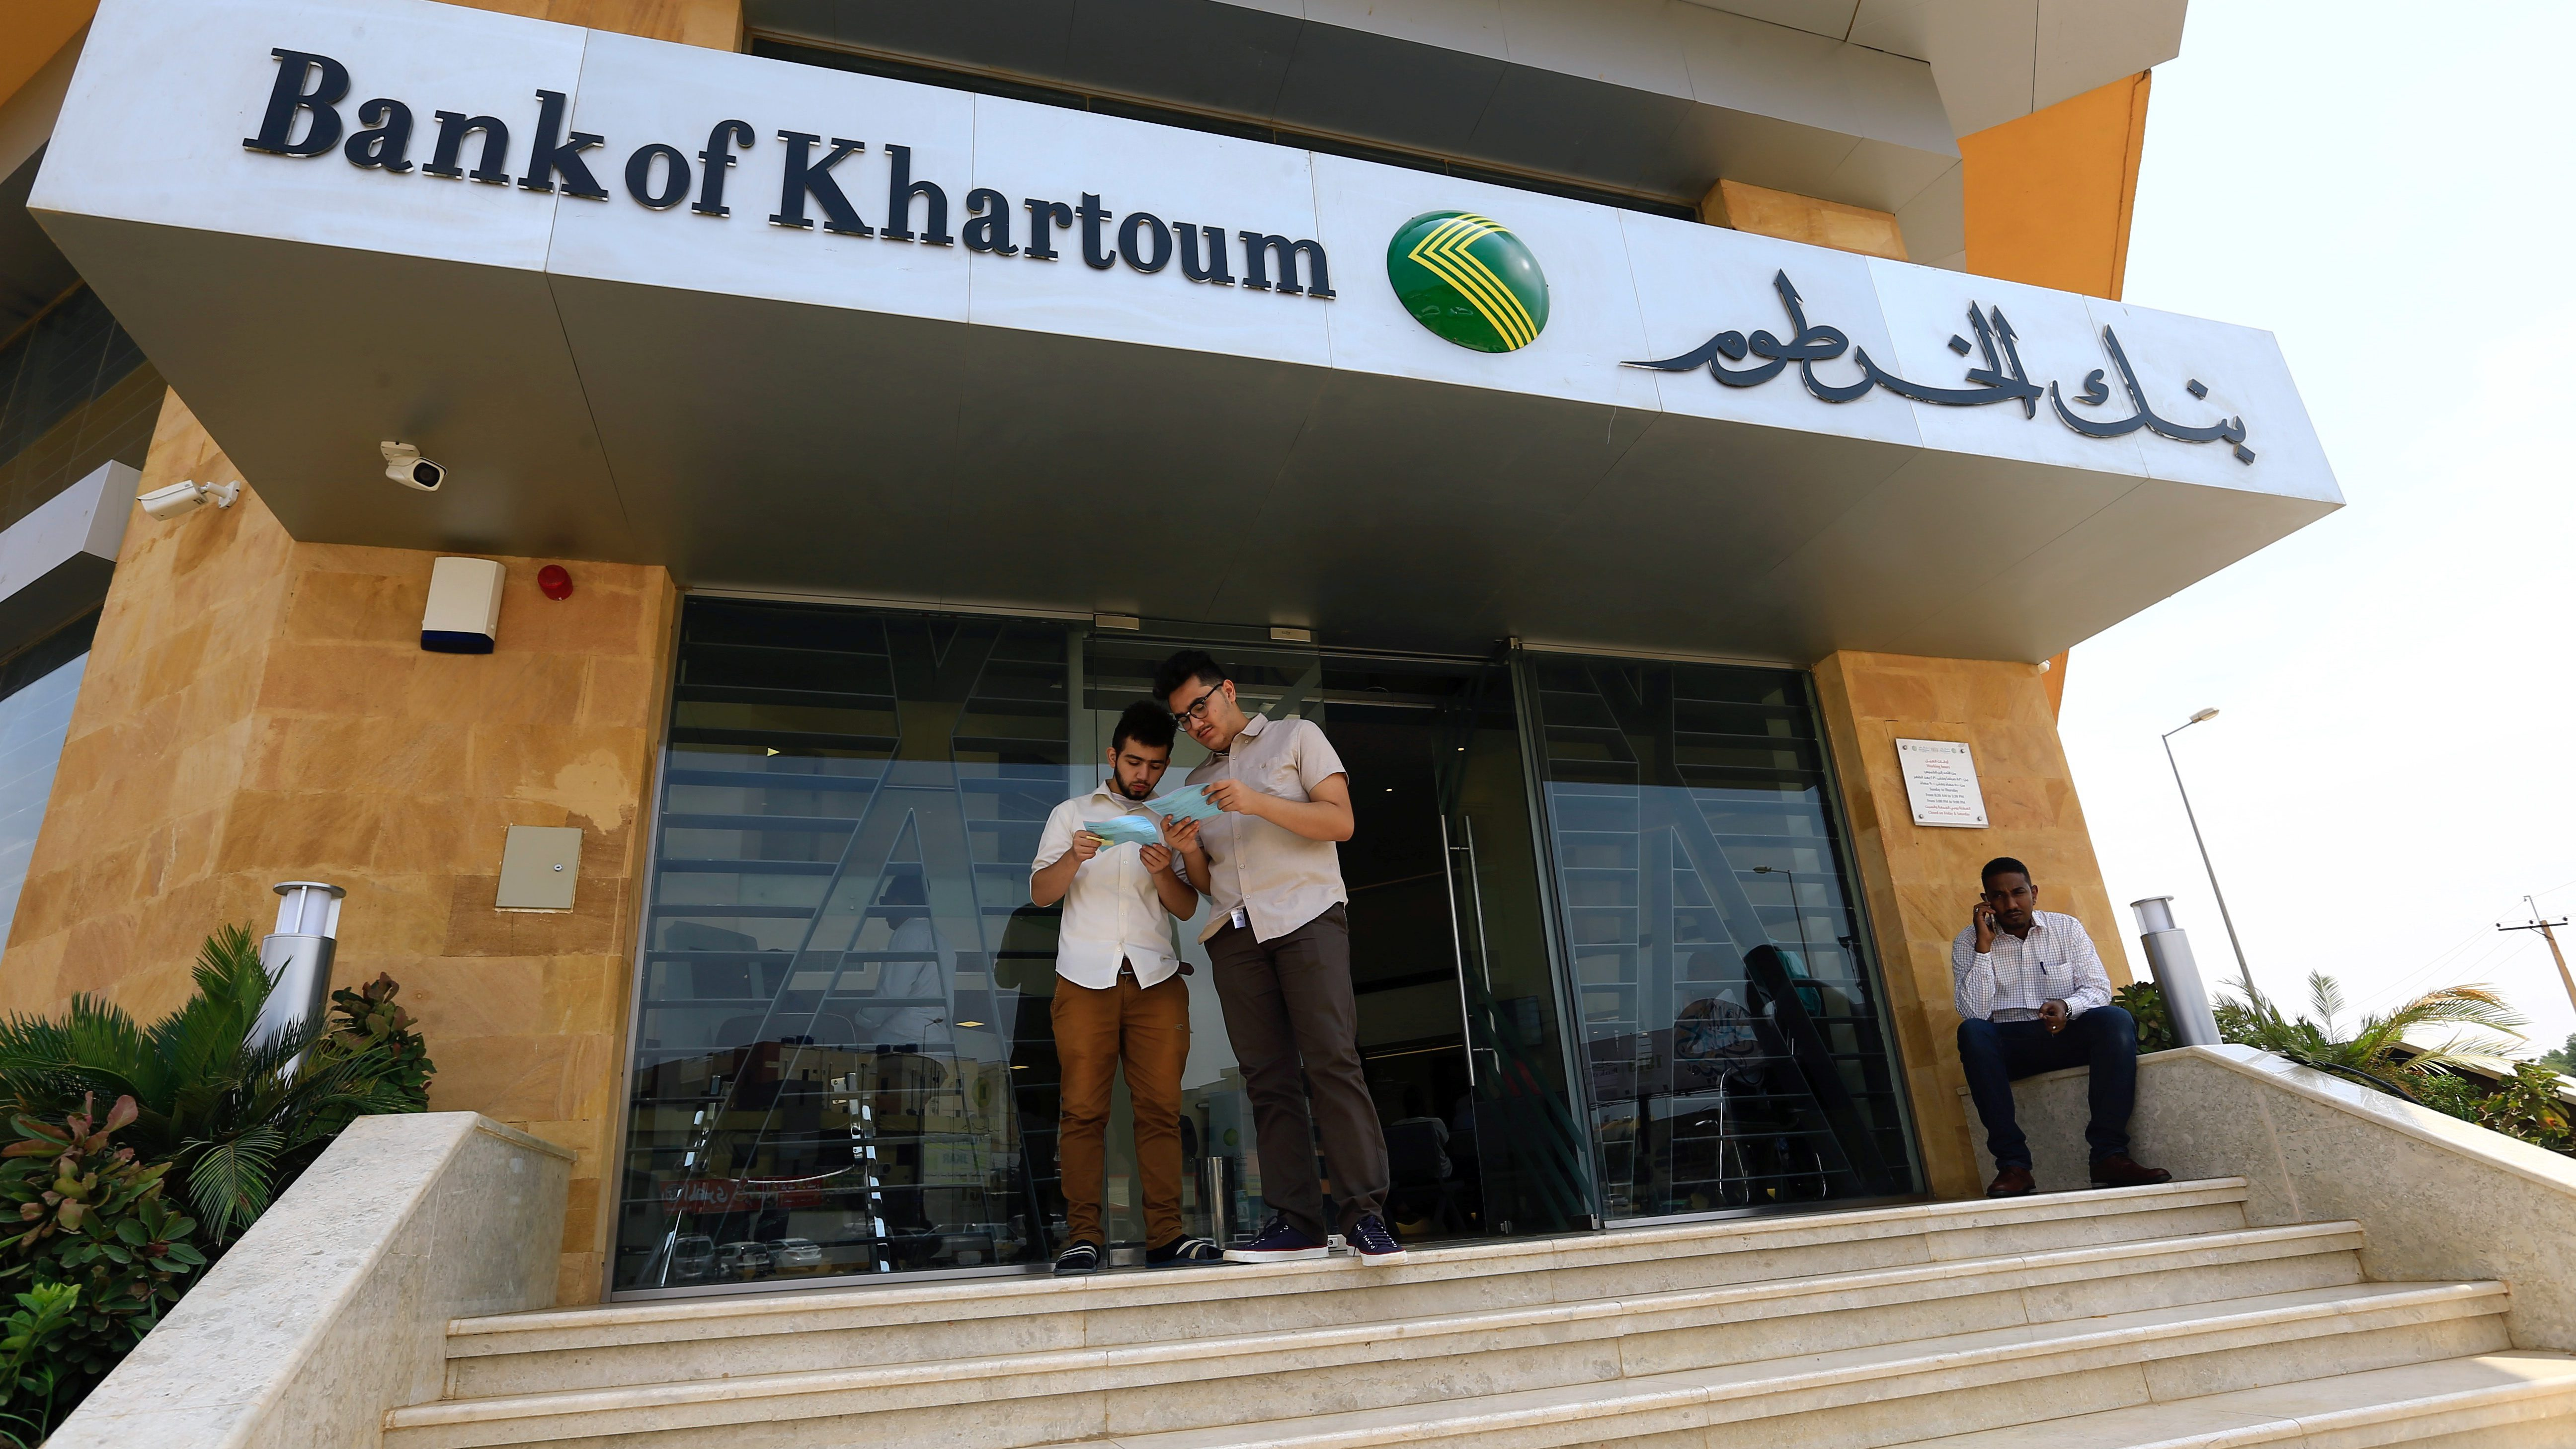 Customers wait outside the Bank of Khartoum, in Khartoum